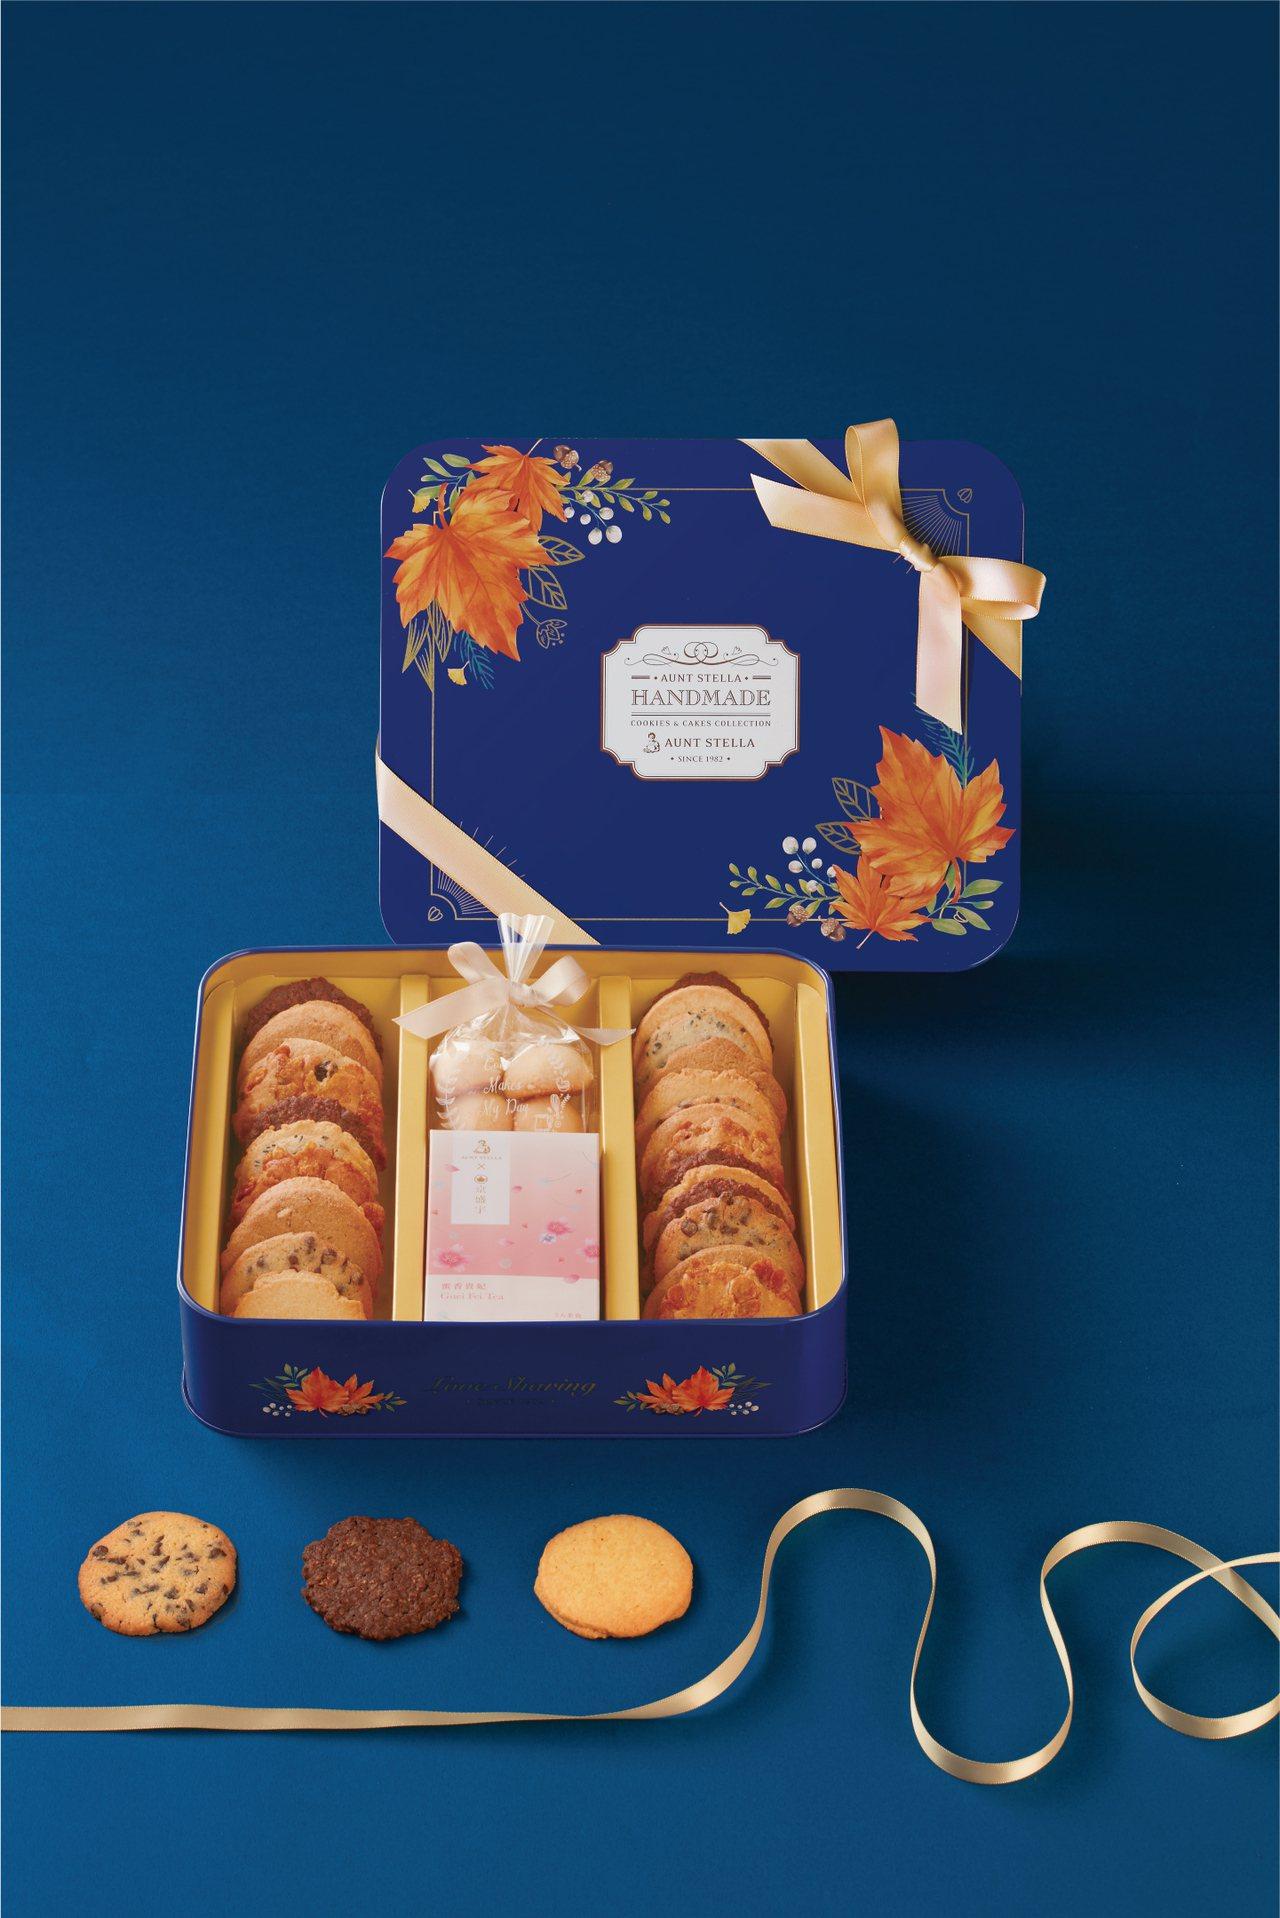 「秋嵐茶禮盒」內含詩特莉餅乾及京盛宇茶葉,售價1,050元。圖/Aunt Ste...